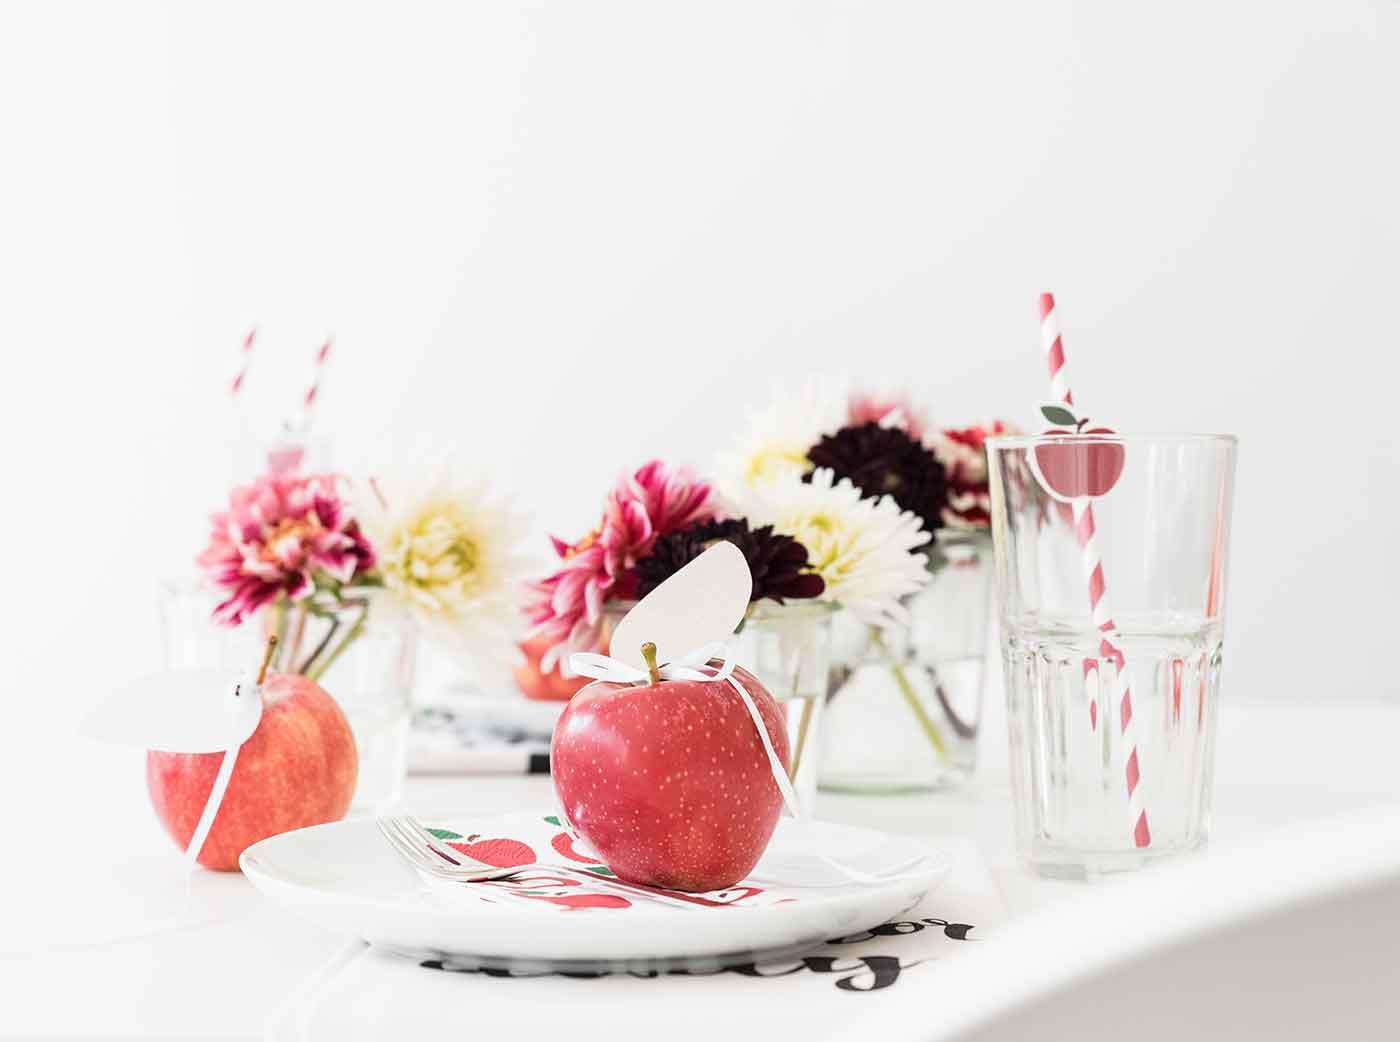 Wir feiern ein Apfelfest - Ideen rund um den Apfel.